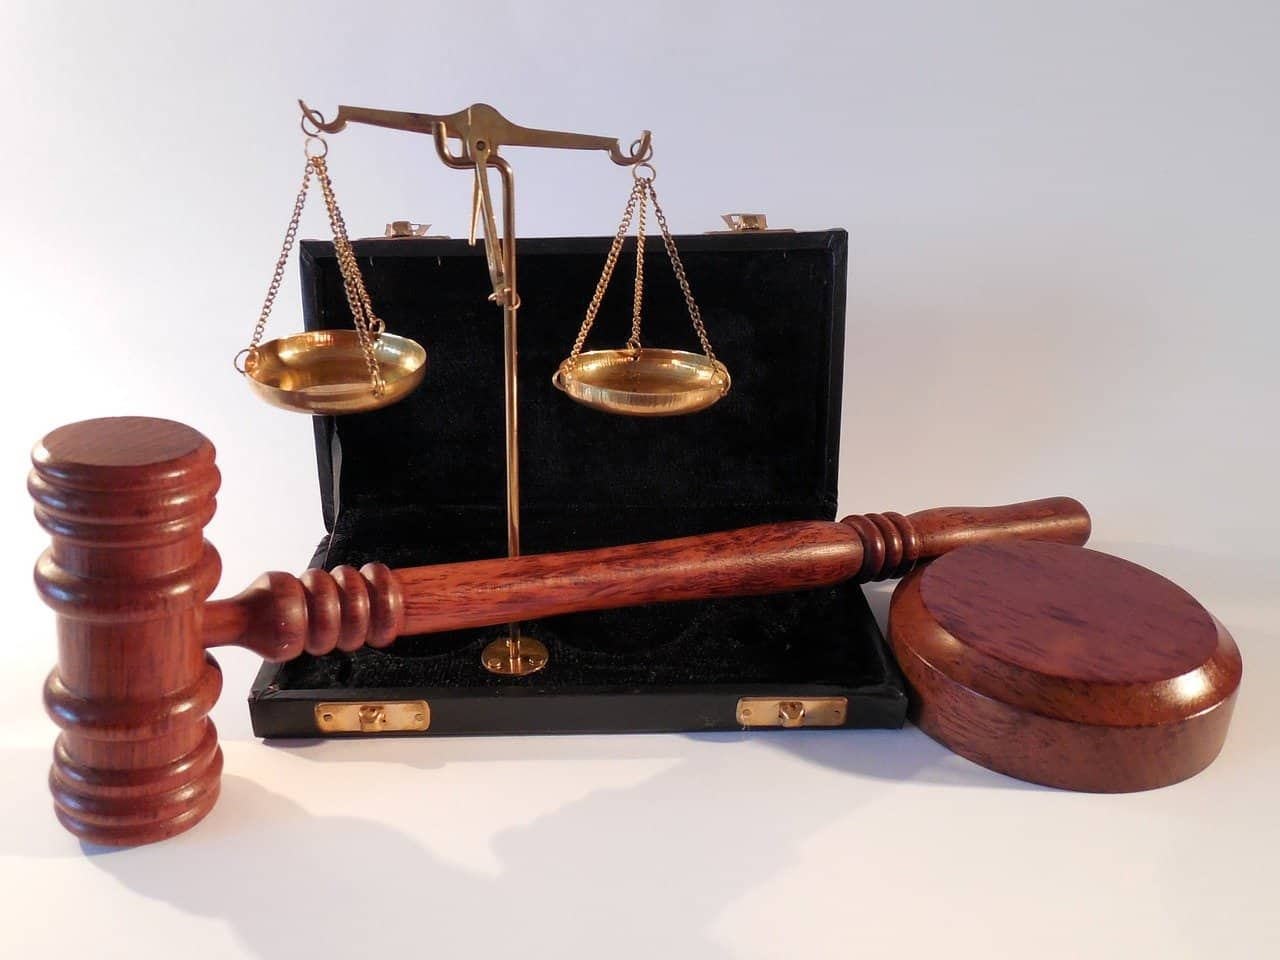 Mikor lehetséges a bírósági szerződésmódosítás? - Érthető Jog